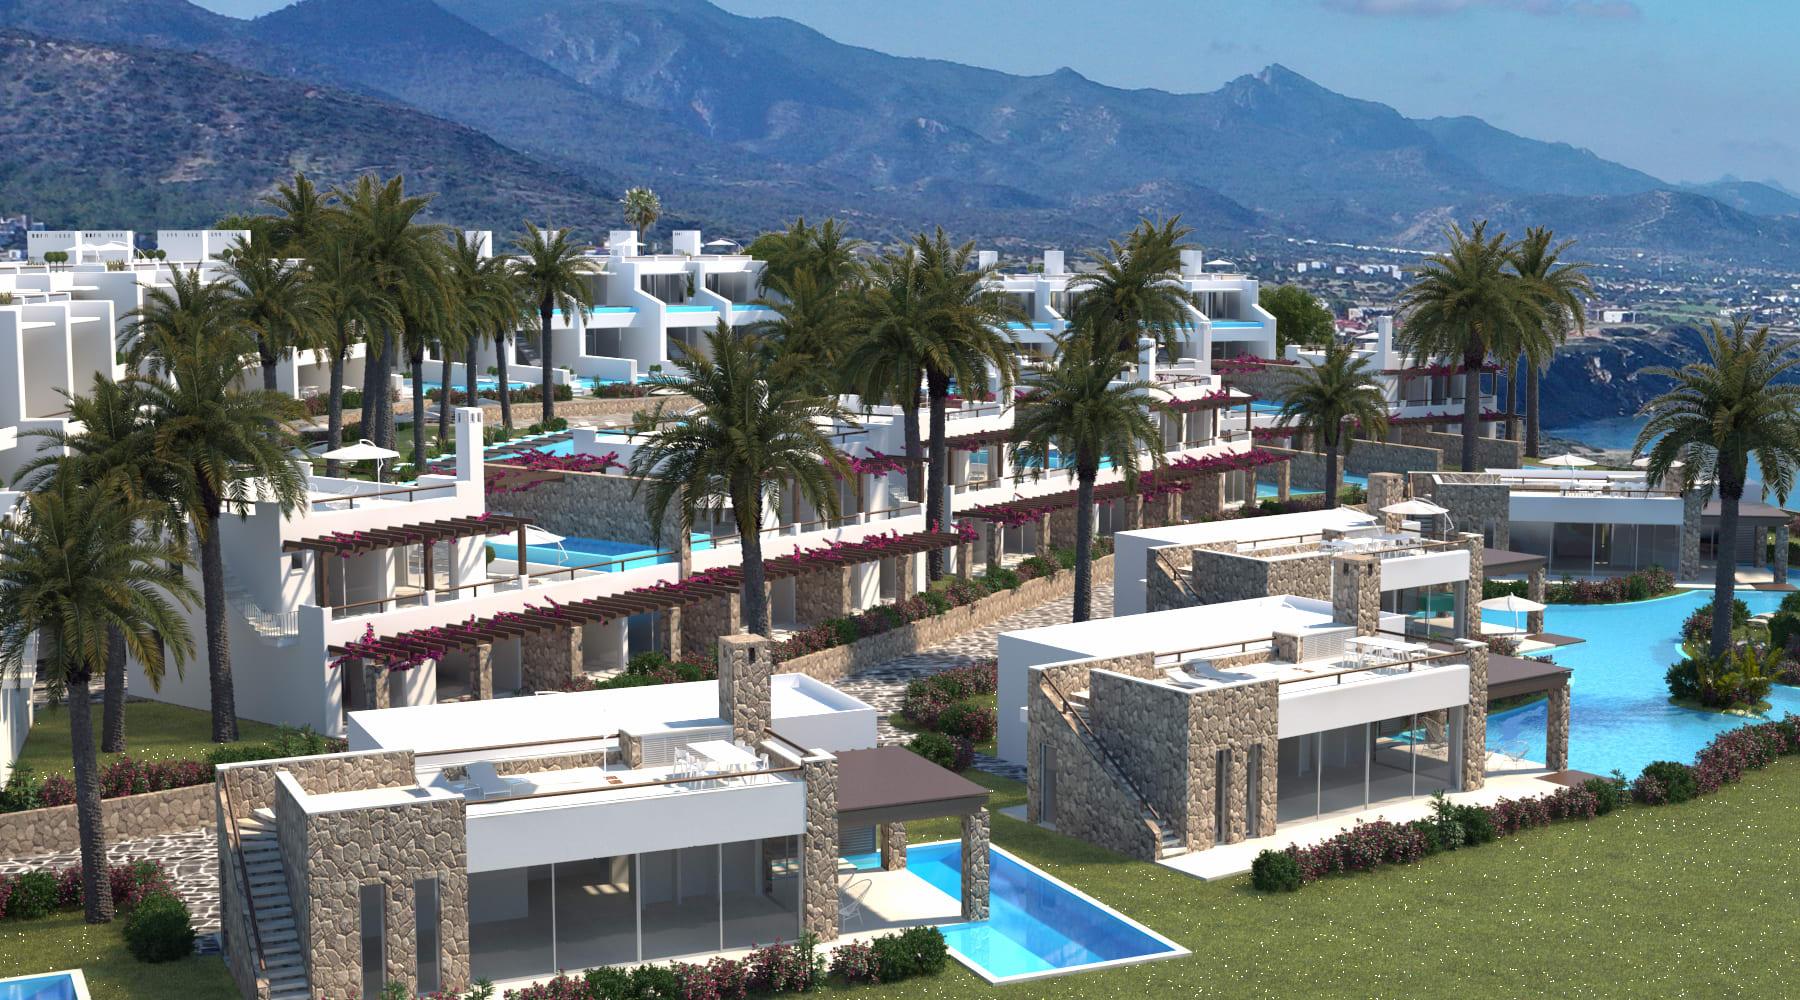 Esentepe'de Marina Üzerinde Satılık 3+1 ve Özel Havuzlu Villalar 8420